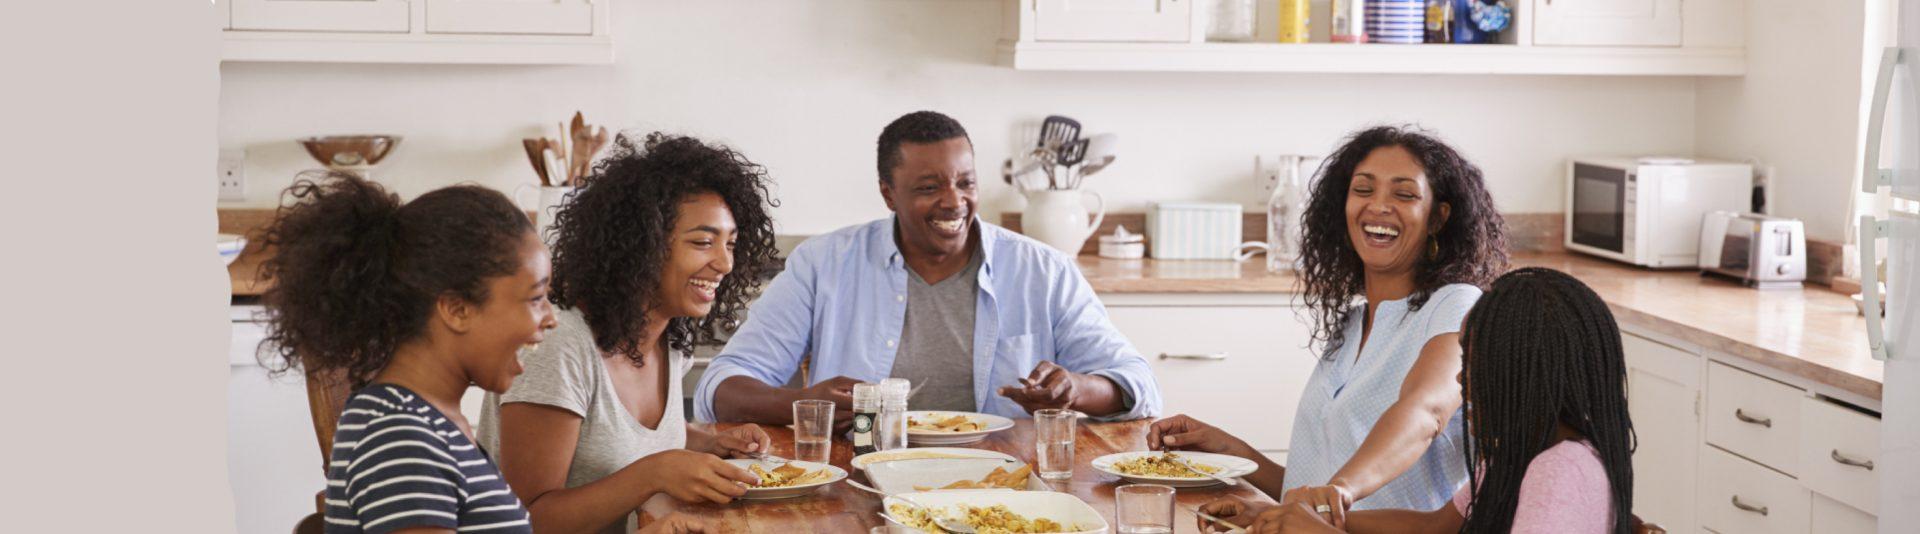 Comprometidos con tu salud y tu bienestar a través de una alimentación responsable